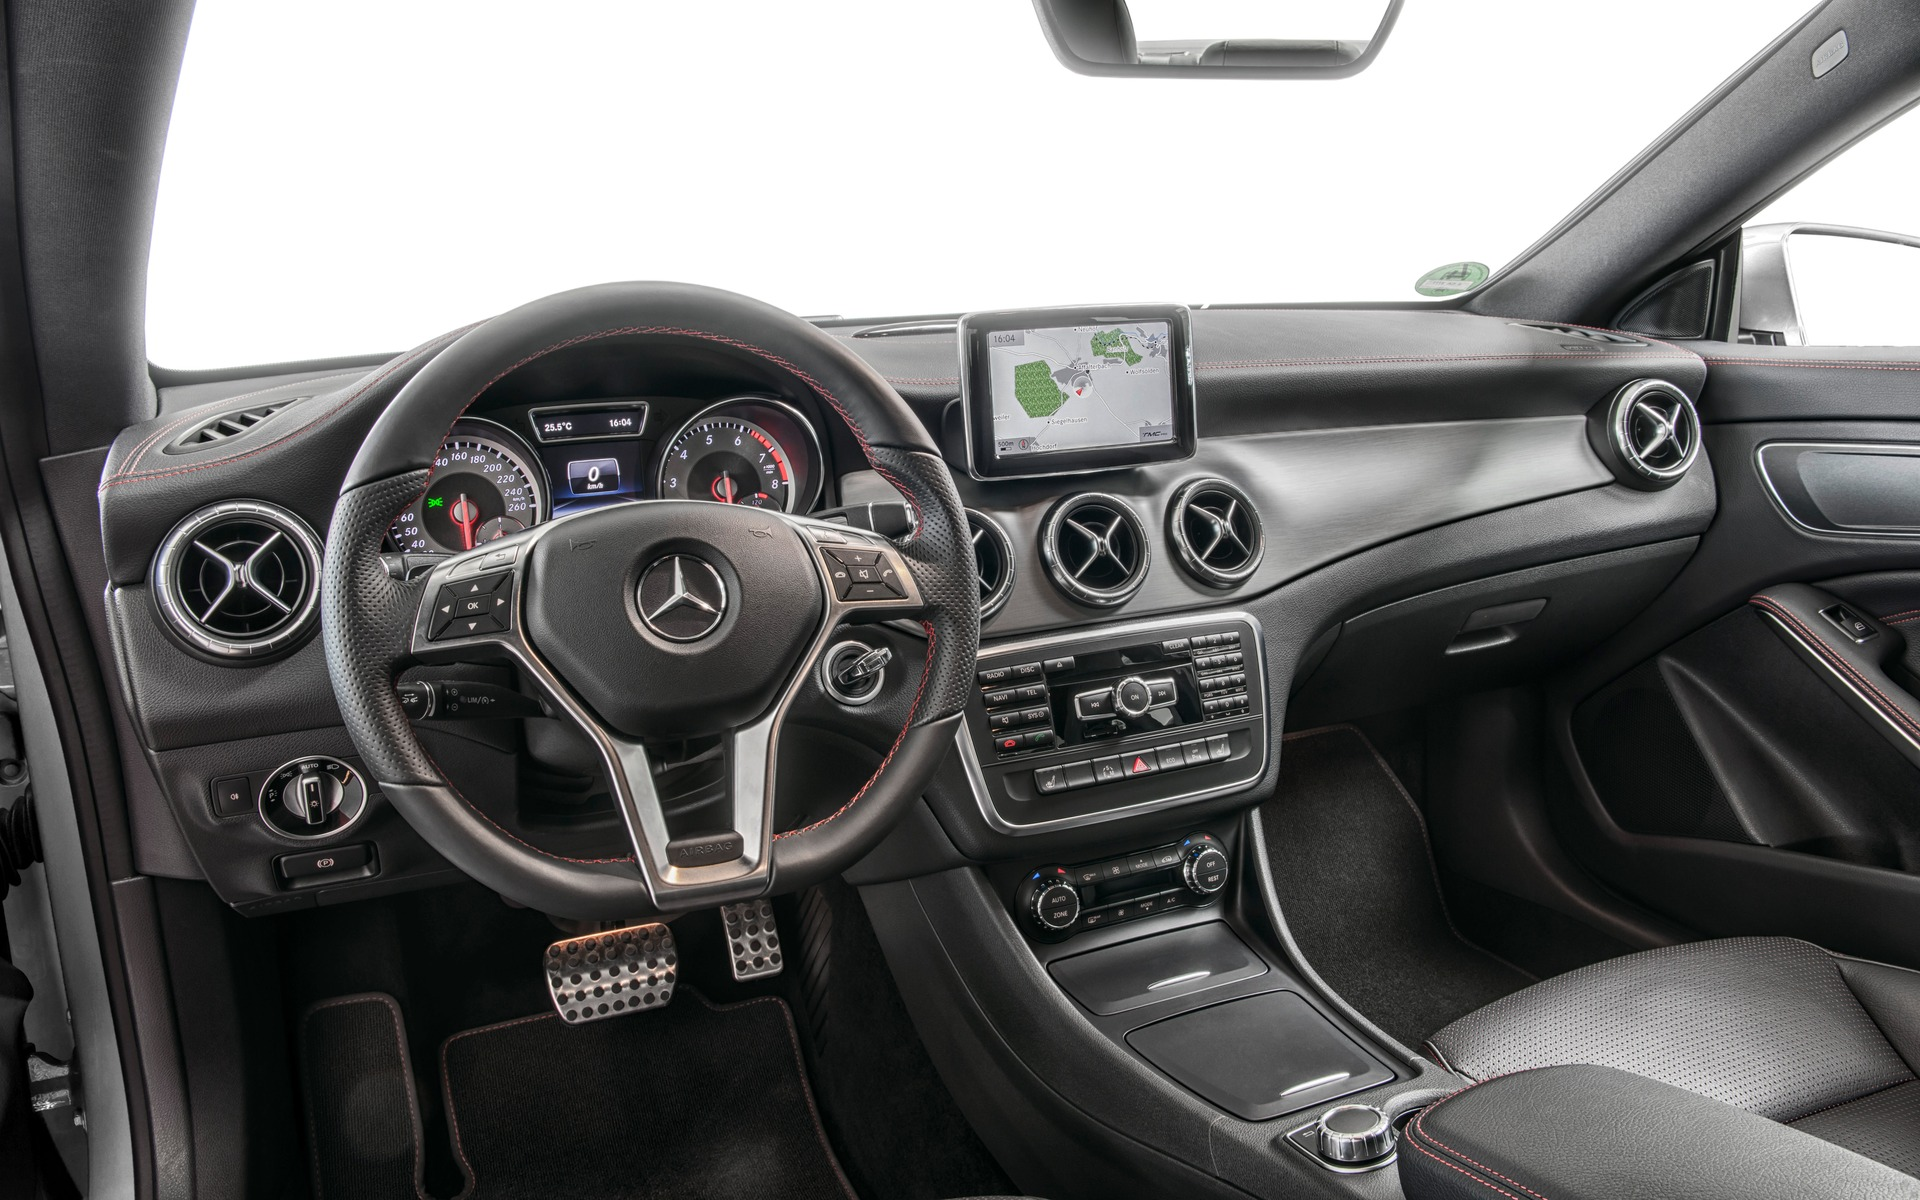 Mercedes Benz Cla >> 2016 Mercedes-Benz CLA-Class photos - 6/6 - The Car Guide